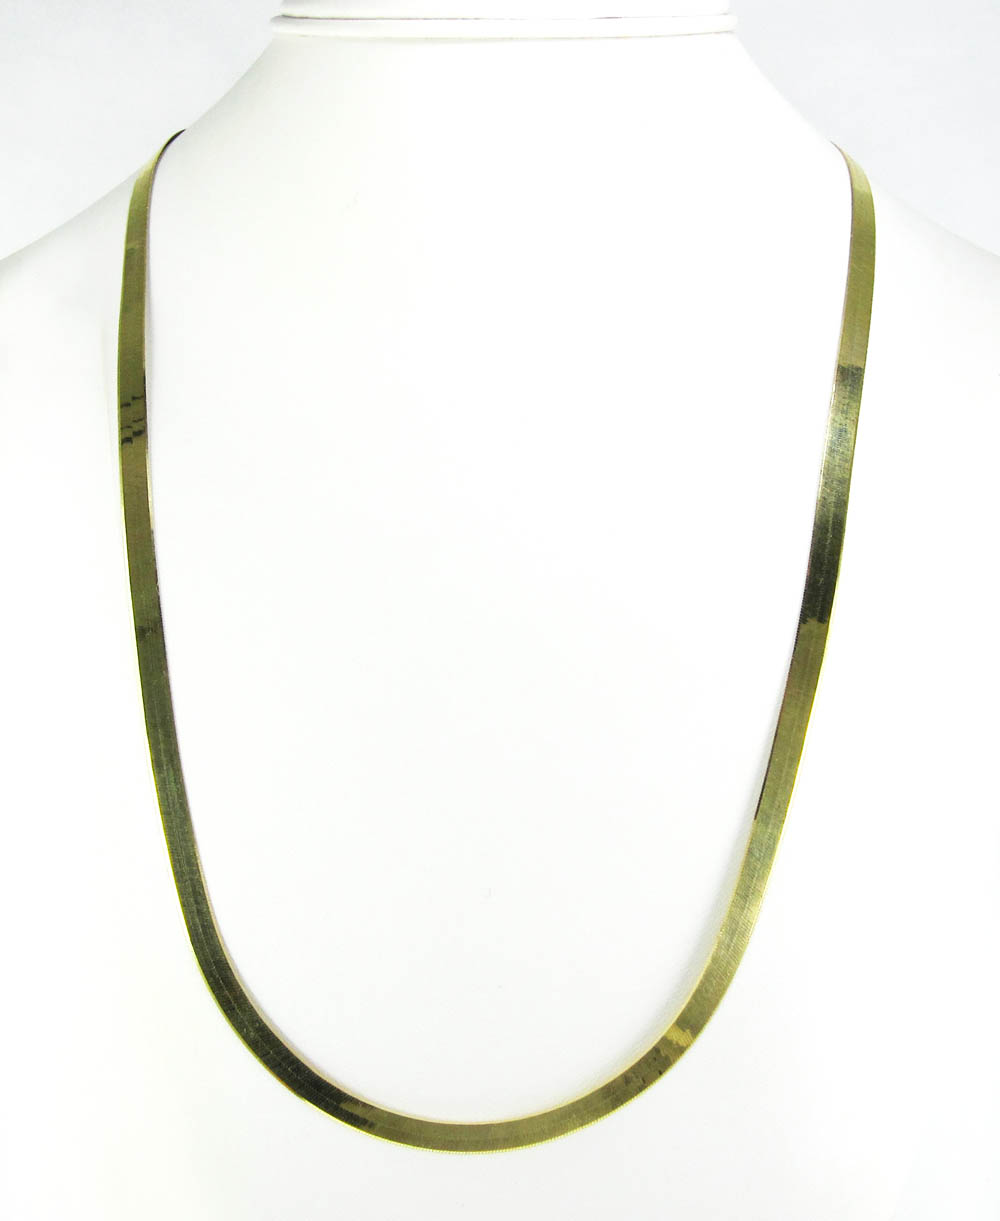 10K Yellow Gold Herringbone Chain 24 Inch 4 80mm